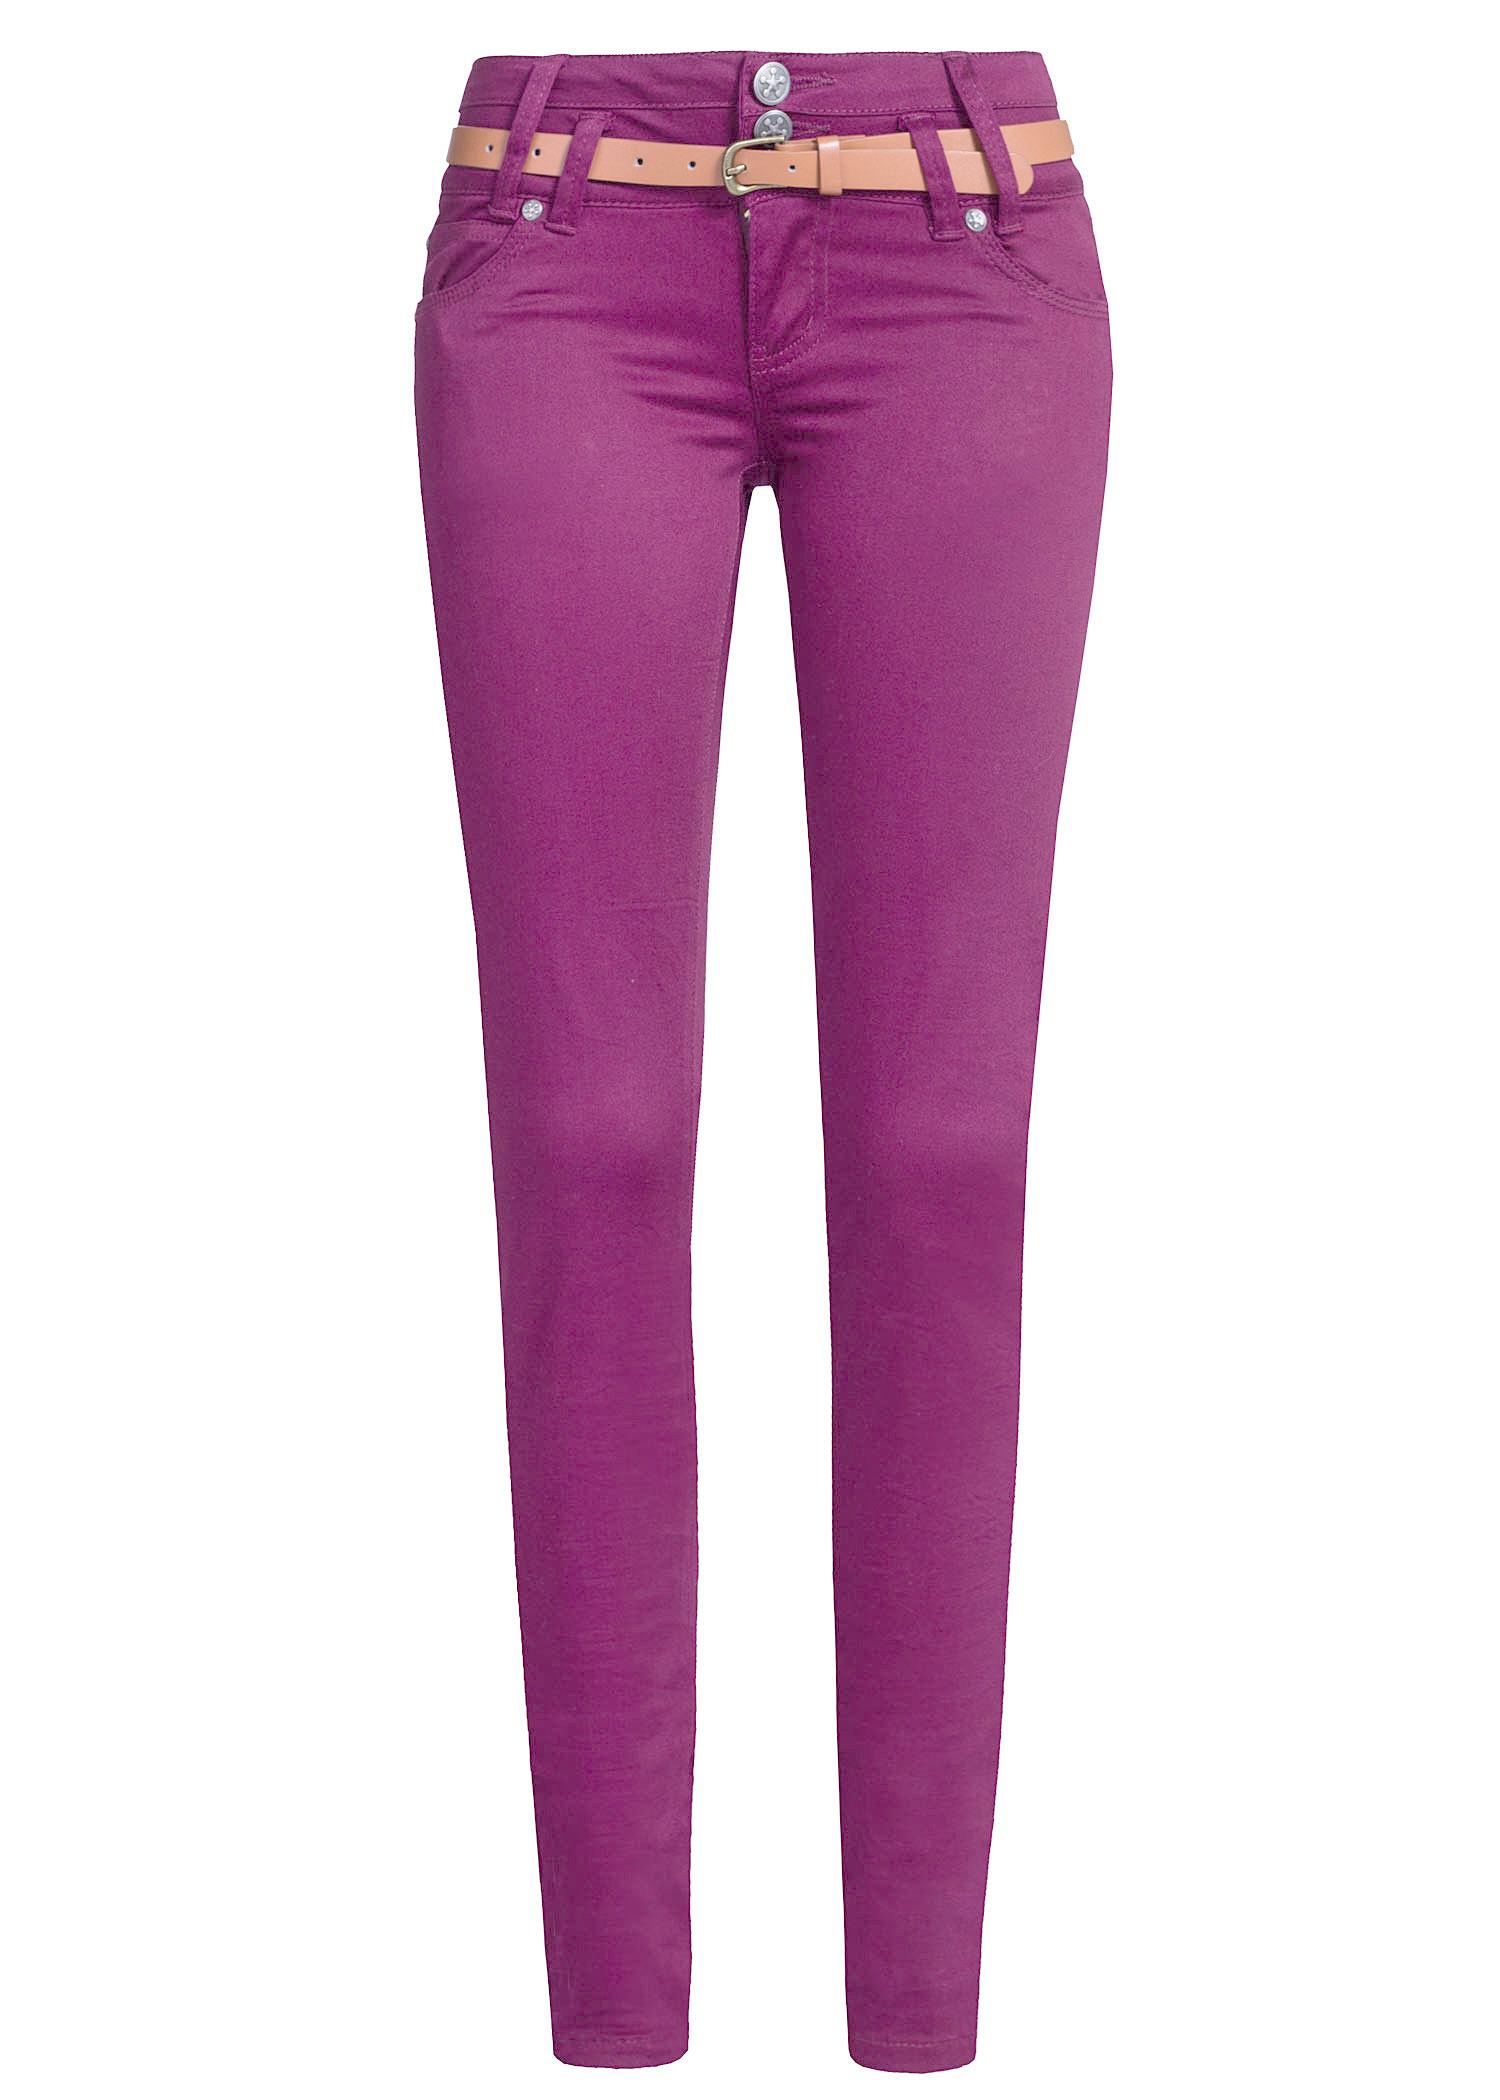 Dámské kalhoty MADONNA - mačkané - fialové - vel. XS